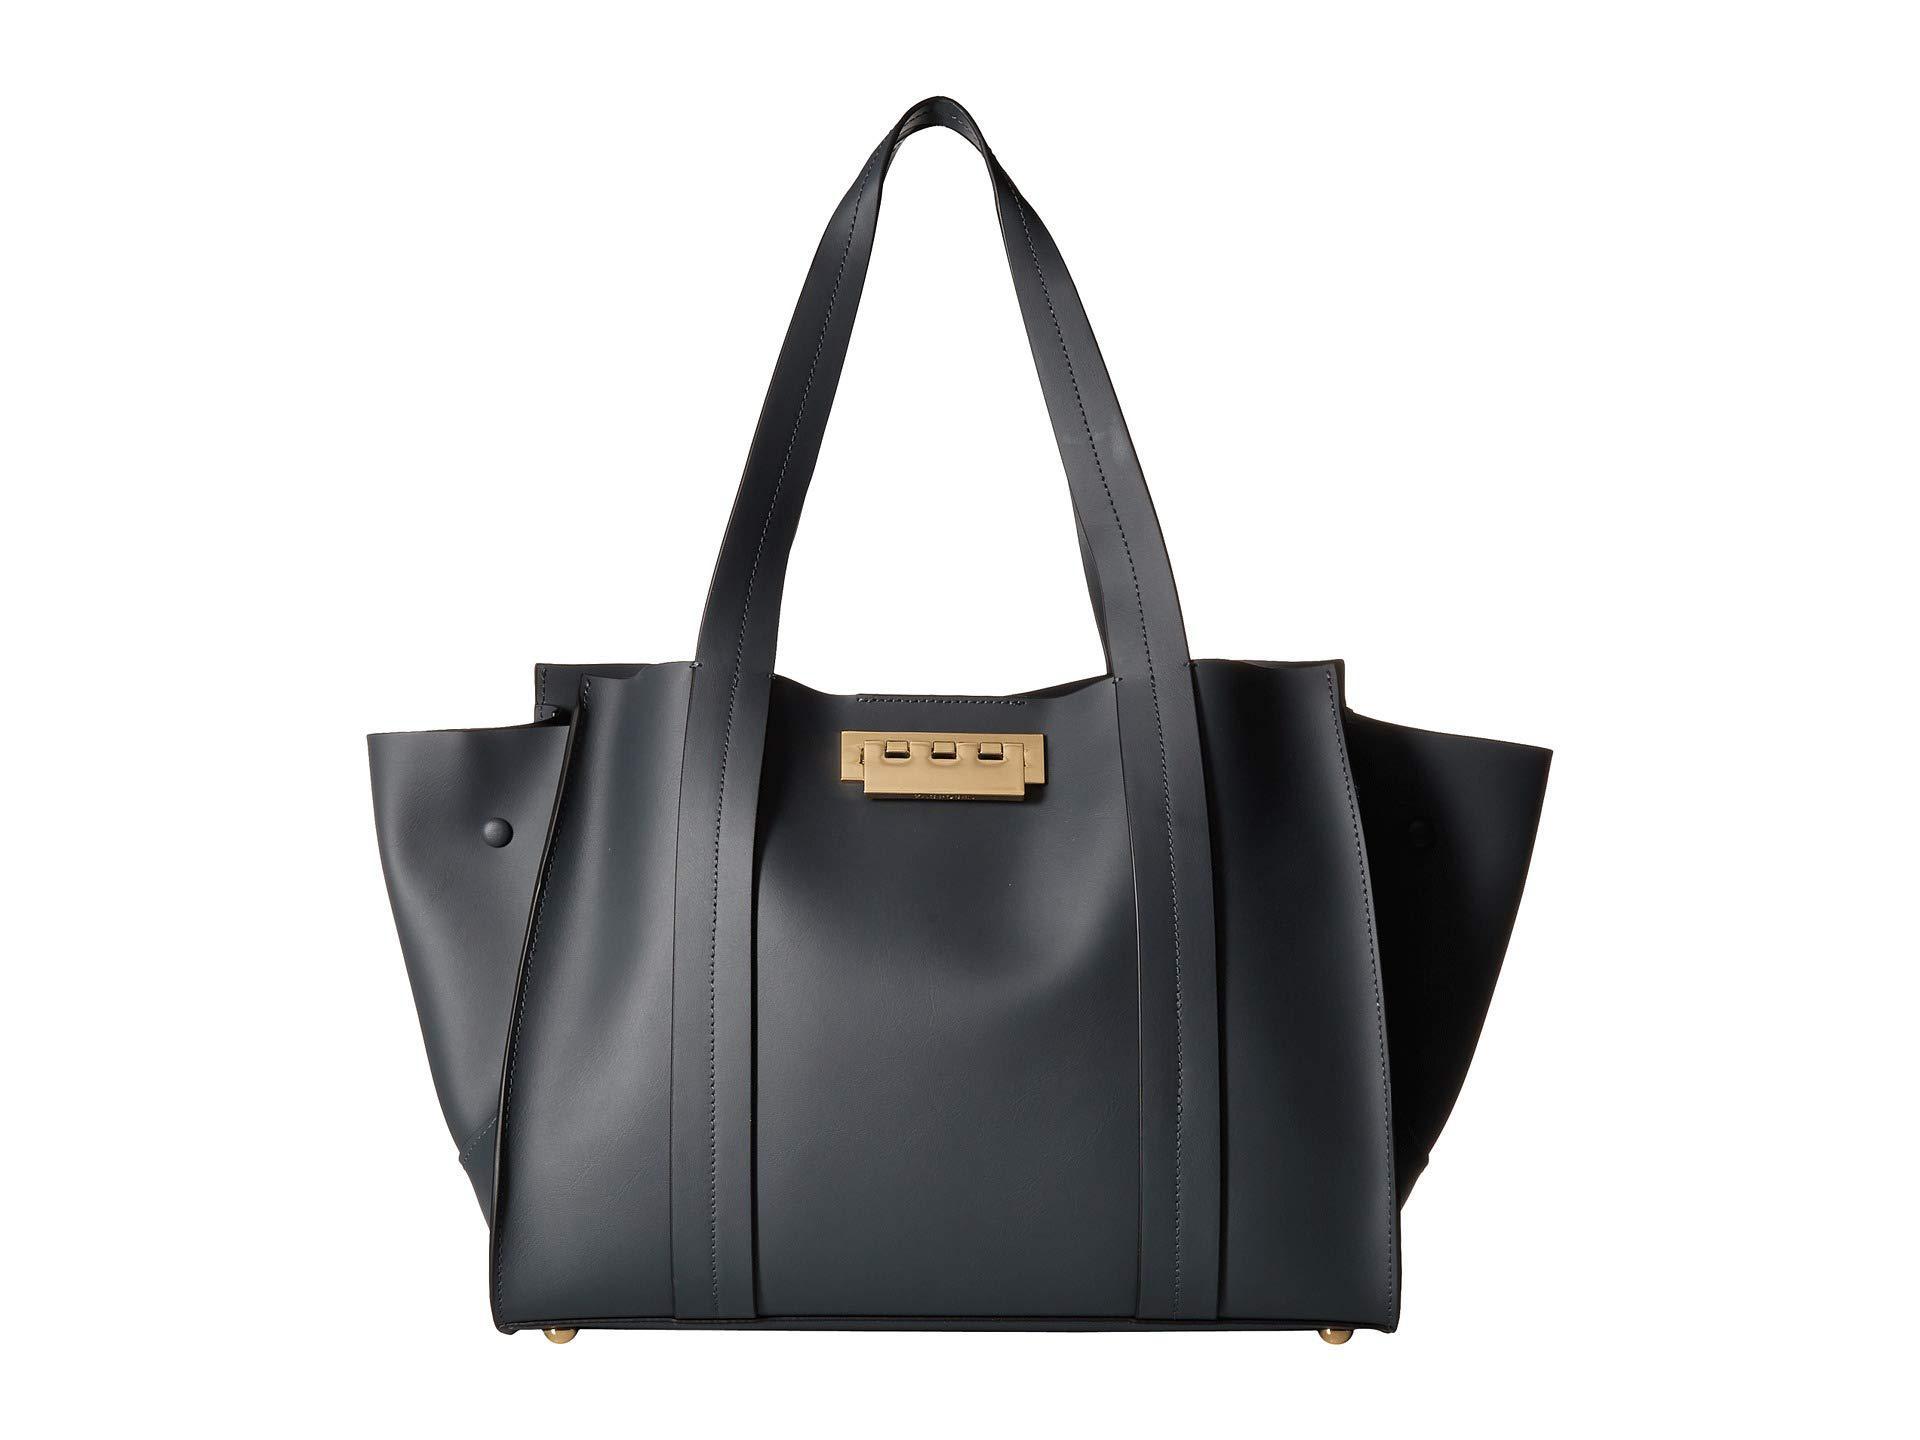 3f97e44337 Lyst - Zac Zac Posen Eartha Large Shopper in Black